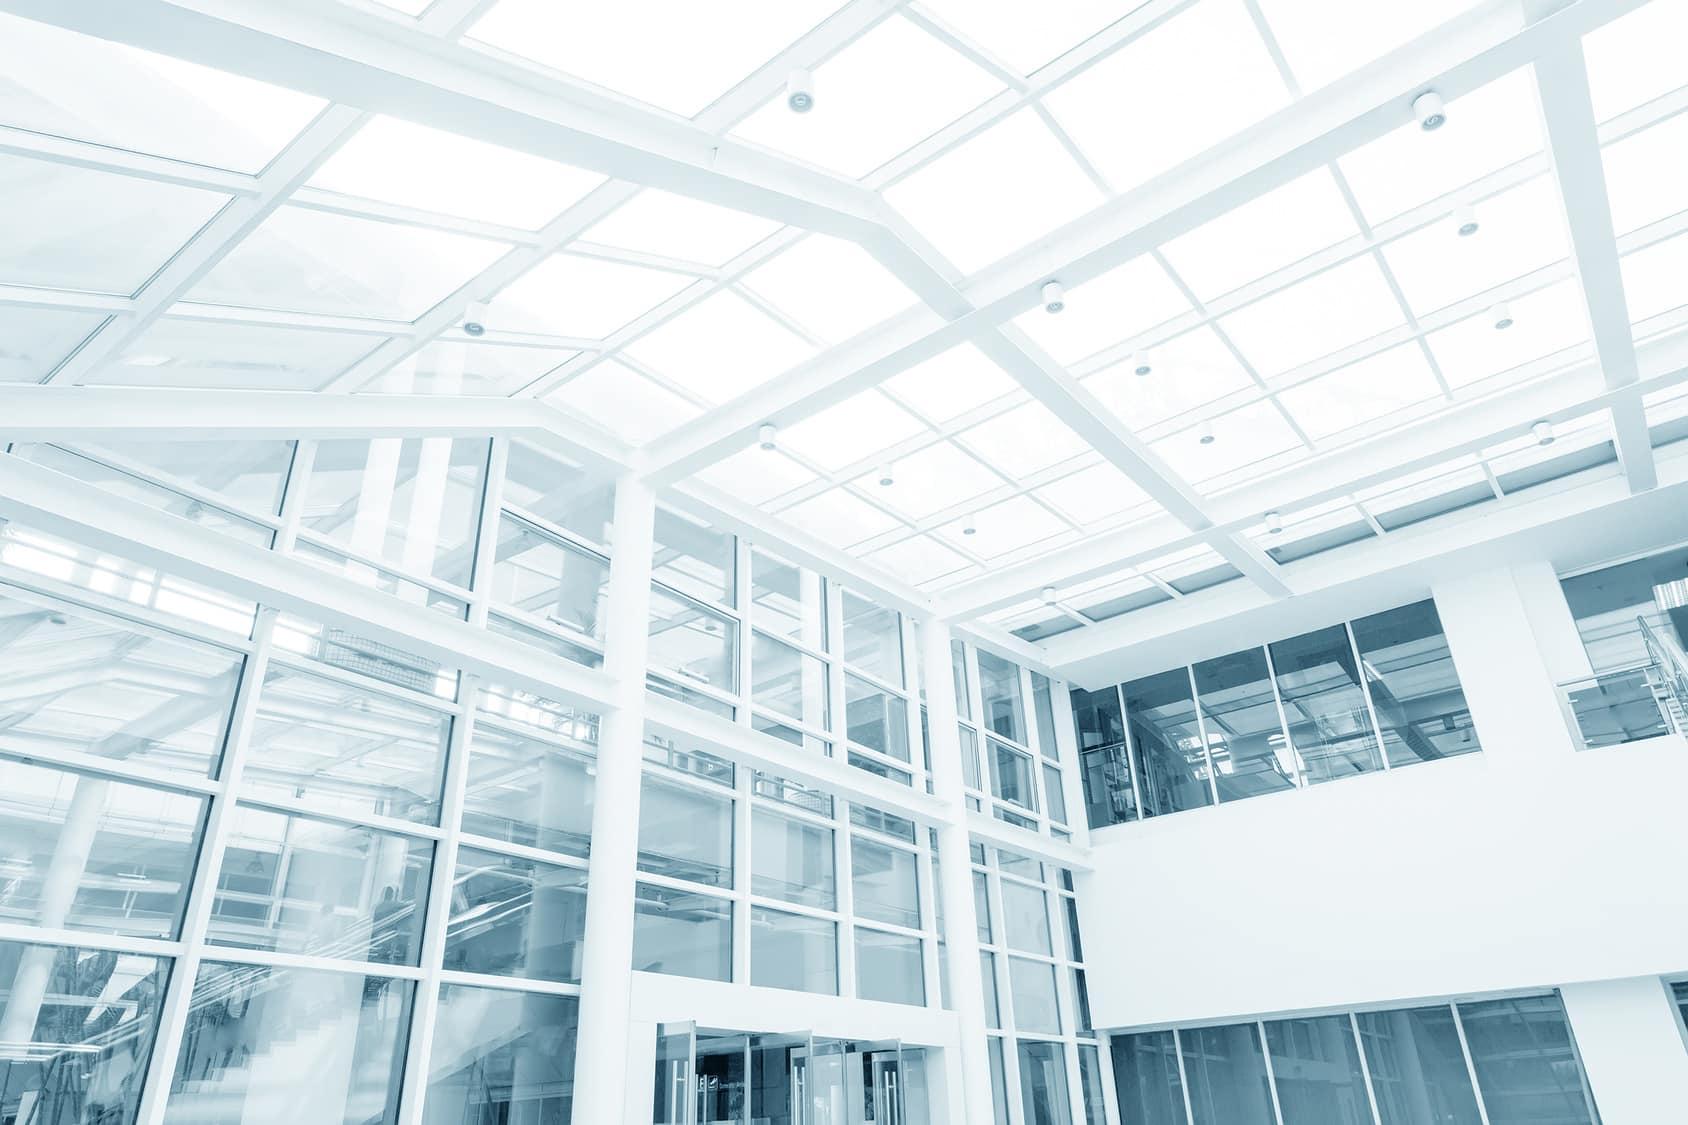 Prix d\'une toiture en verre au m2 : les tarifs et devis